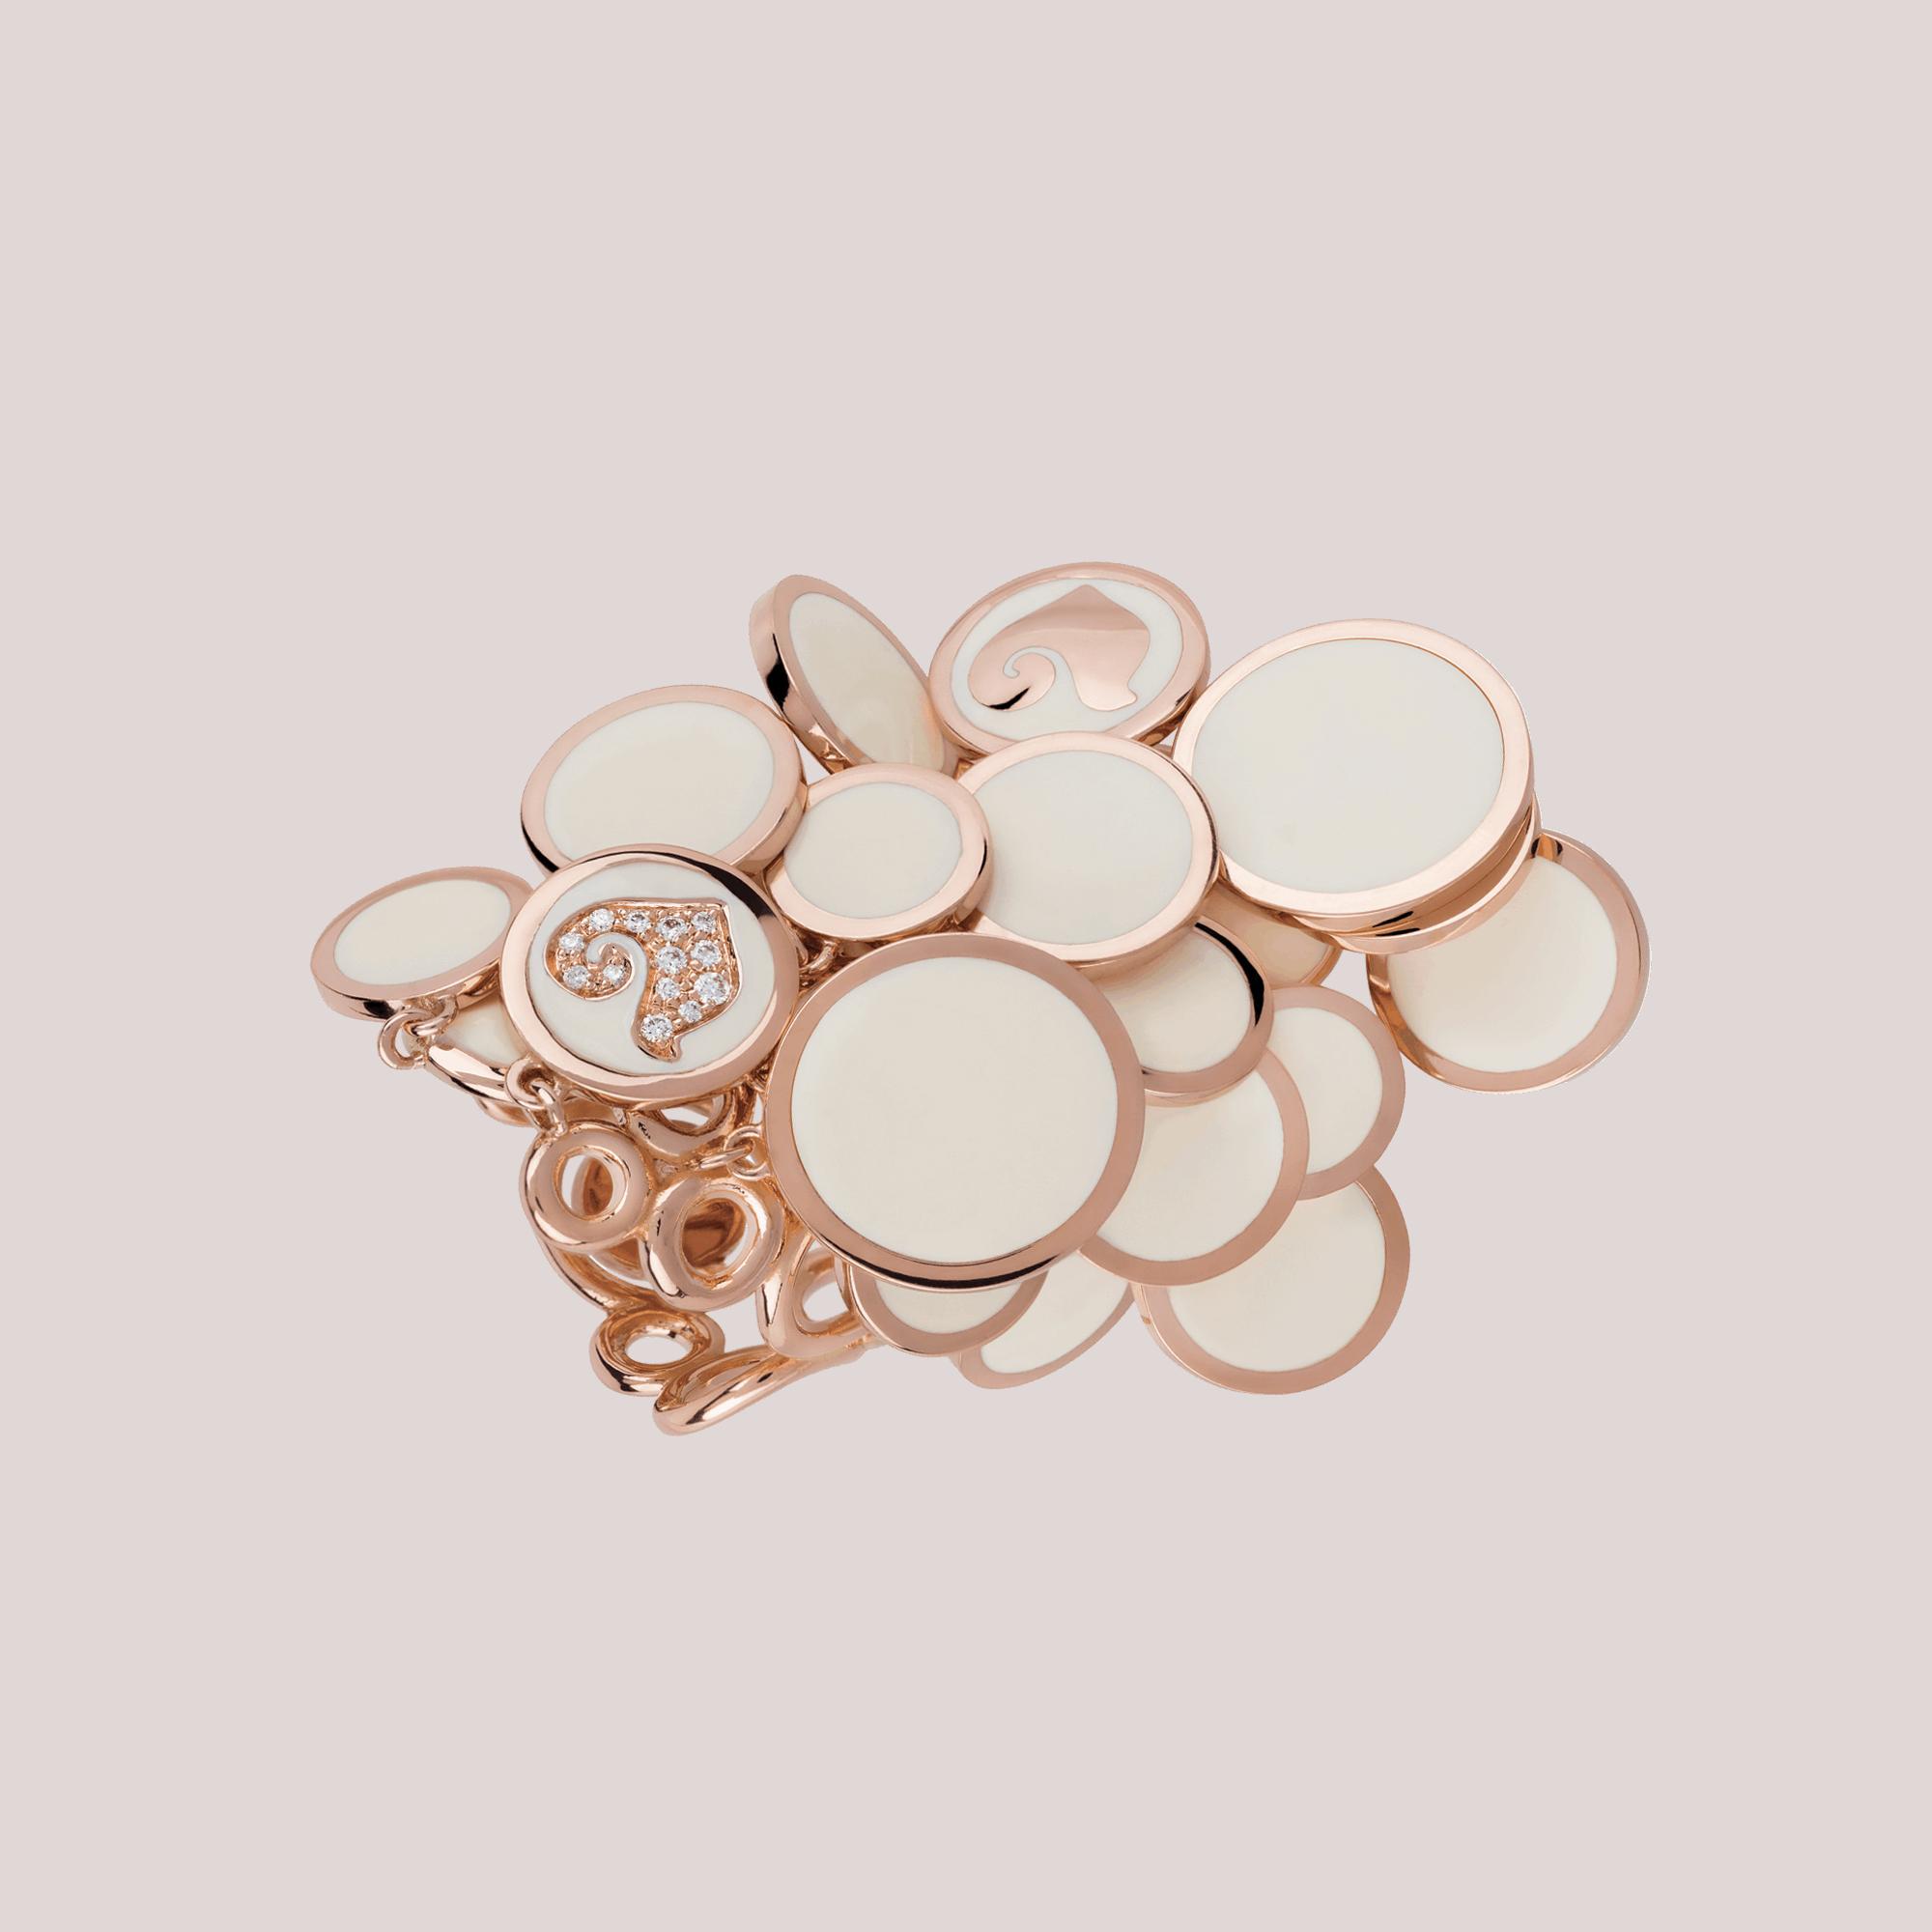 Anello CHANTECLER Paillettes oro rosa diamanti